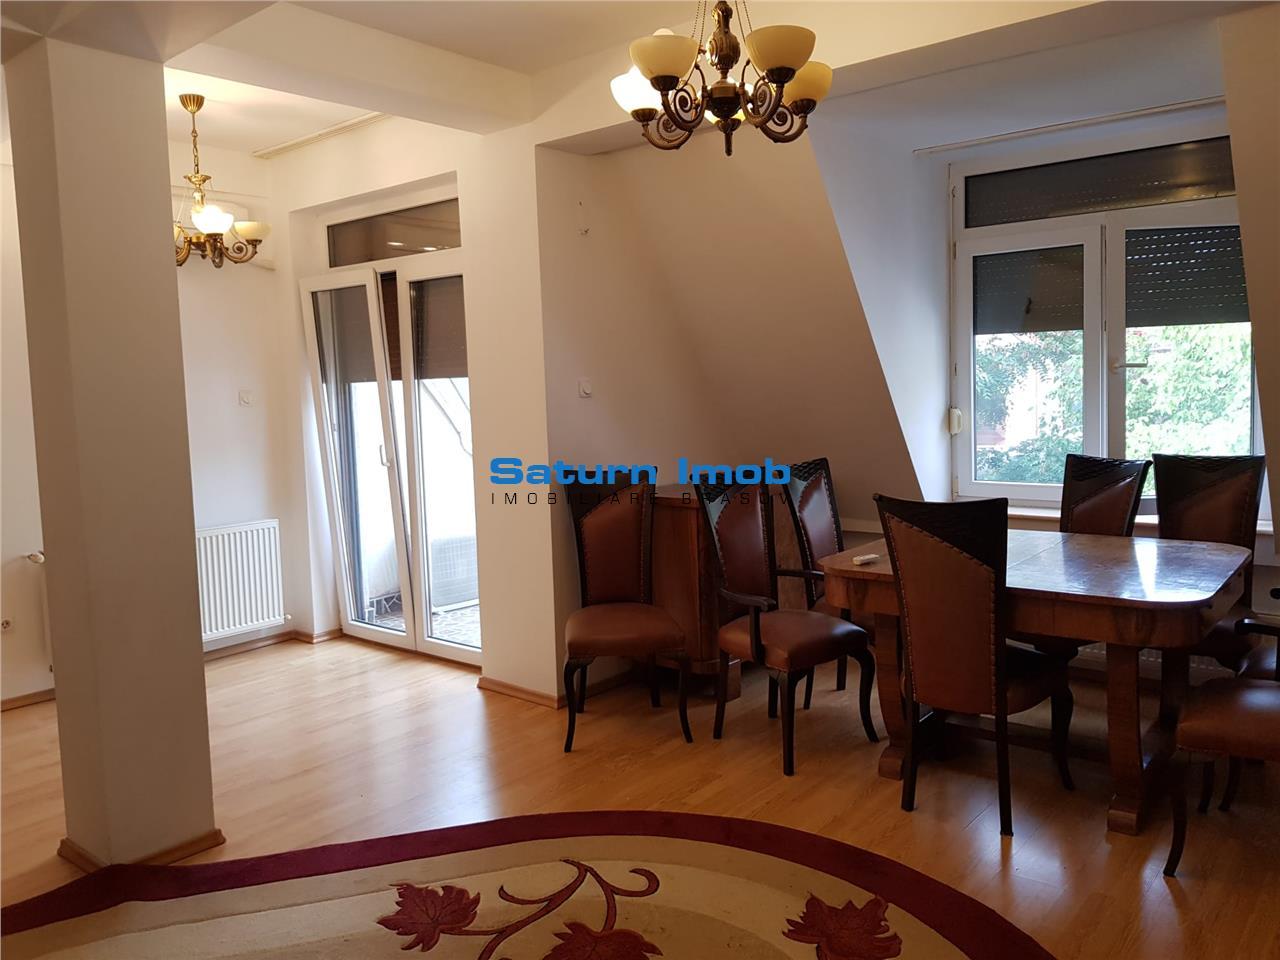 Inchiere apartament 3 camere Eminescu